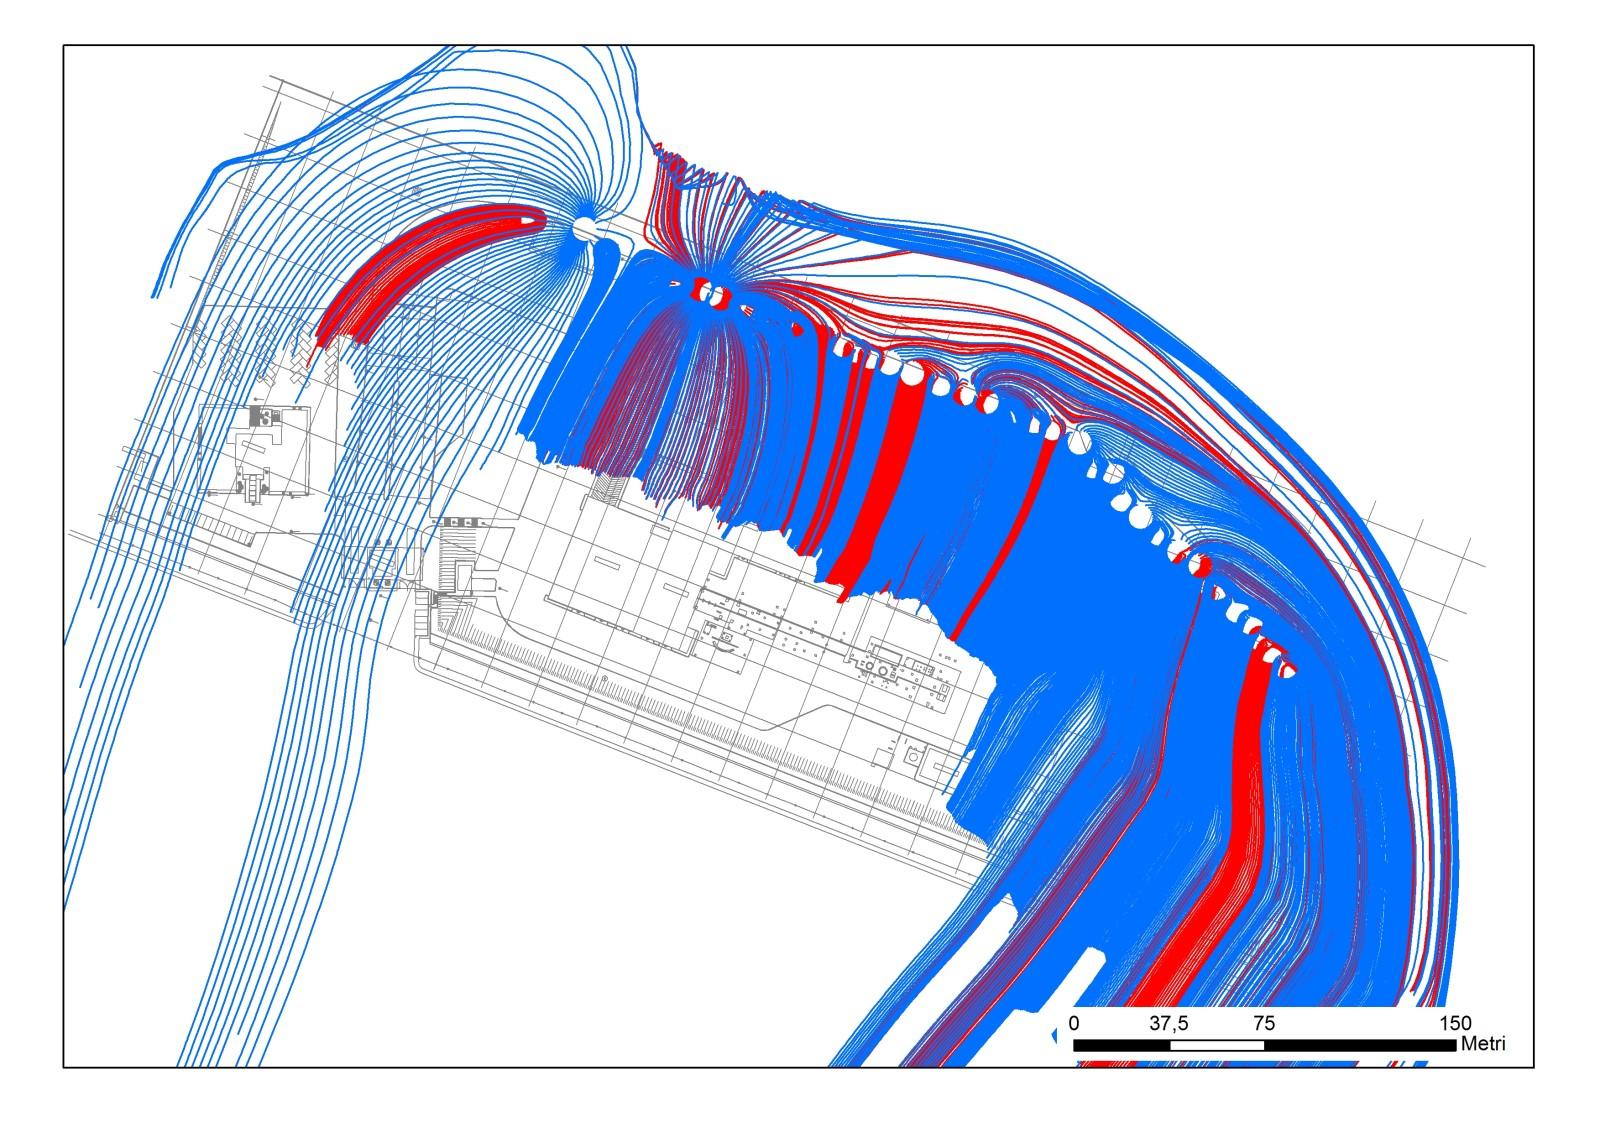 Simulazione di una barriera di pozzi in sito inquinato